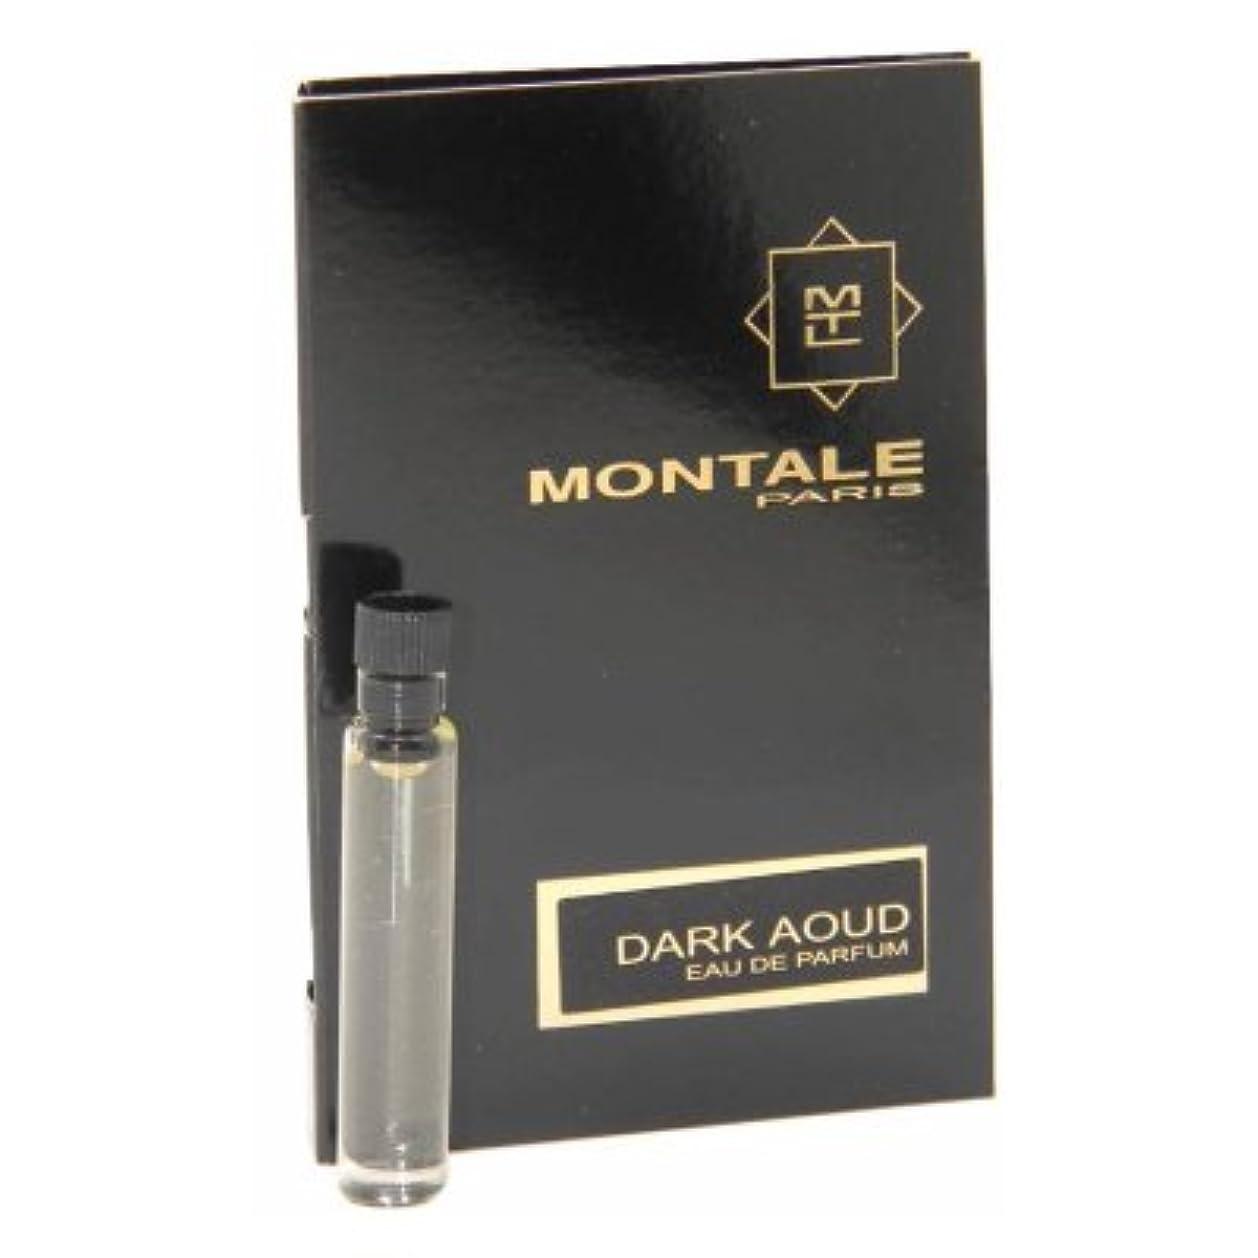 ピジンはちみつ極端なMontale Dark Aoud EDP Vial Sample 2ml(モンタル ダーク ウード オードパルファン 2ml)[海外直送品] [並行輸入品]